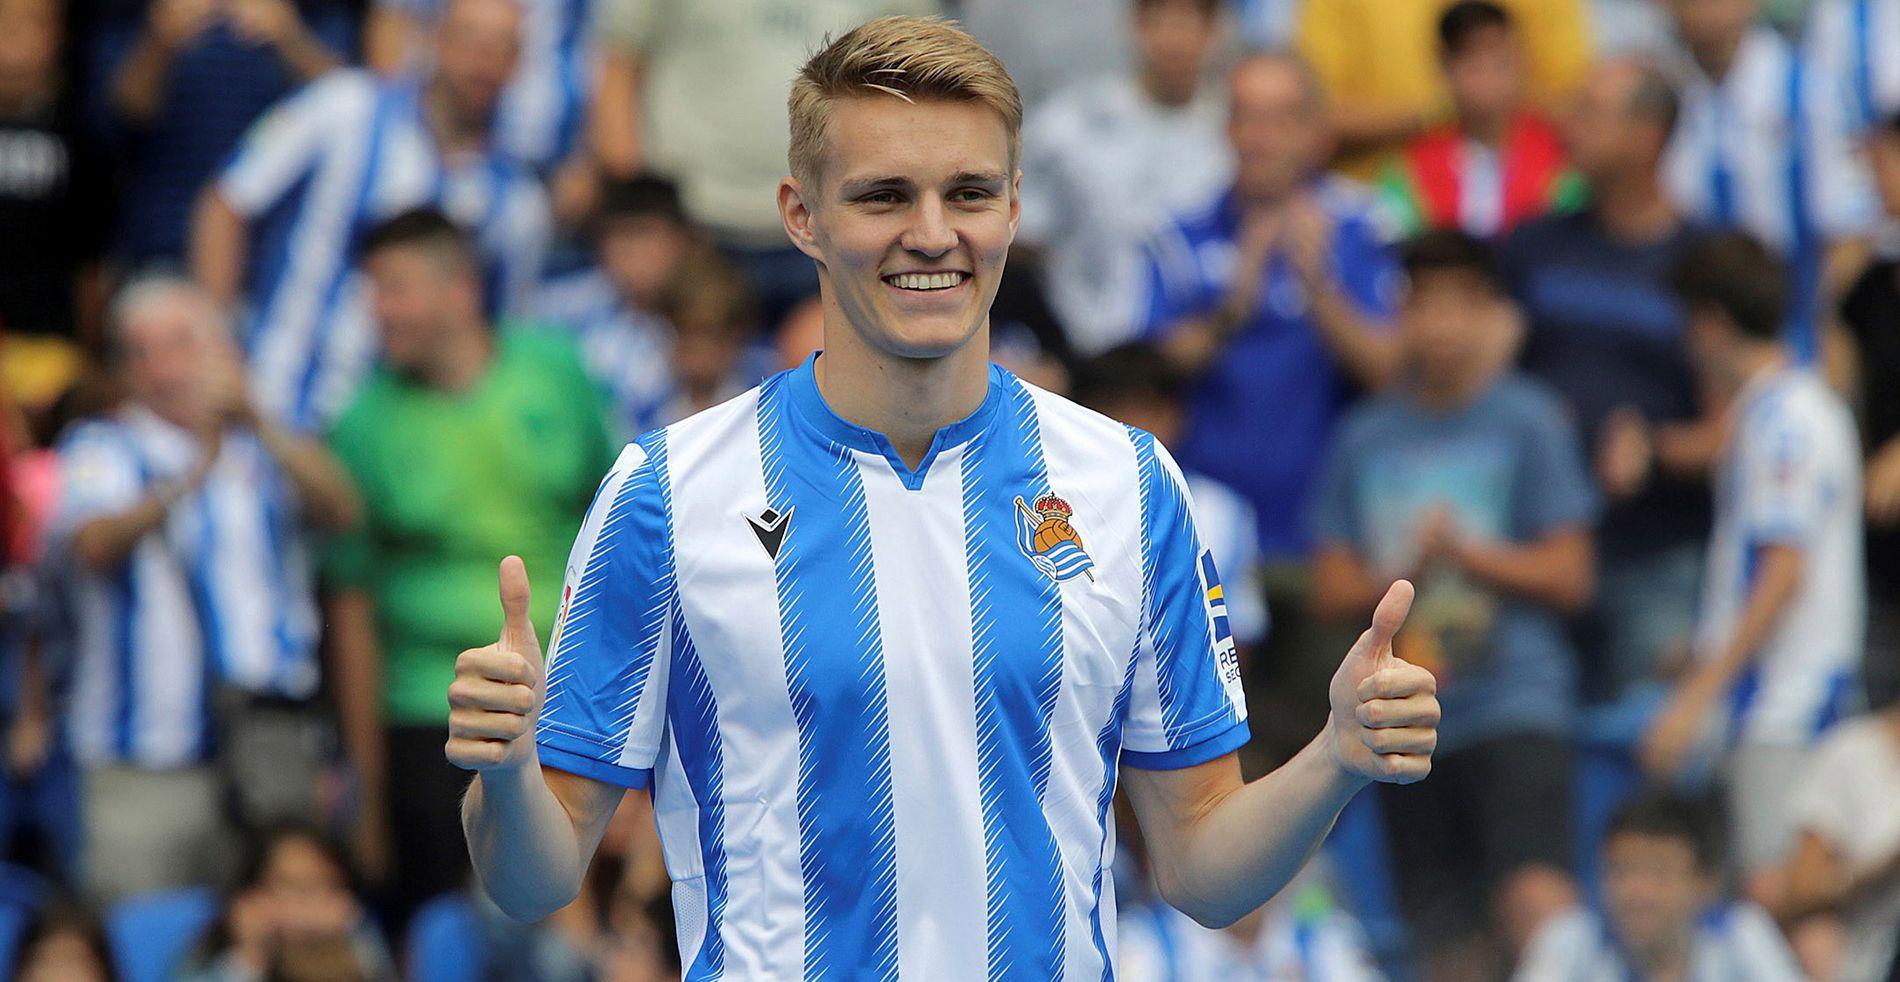 TO TOMLER OPP: Martin Ødegaard, her fra presentasjonen som Sociedad-spiller.